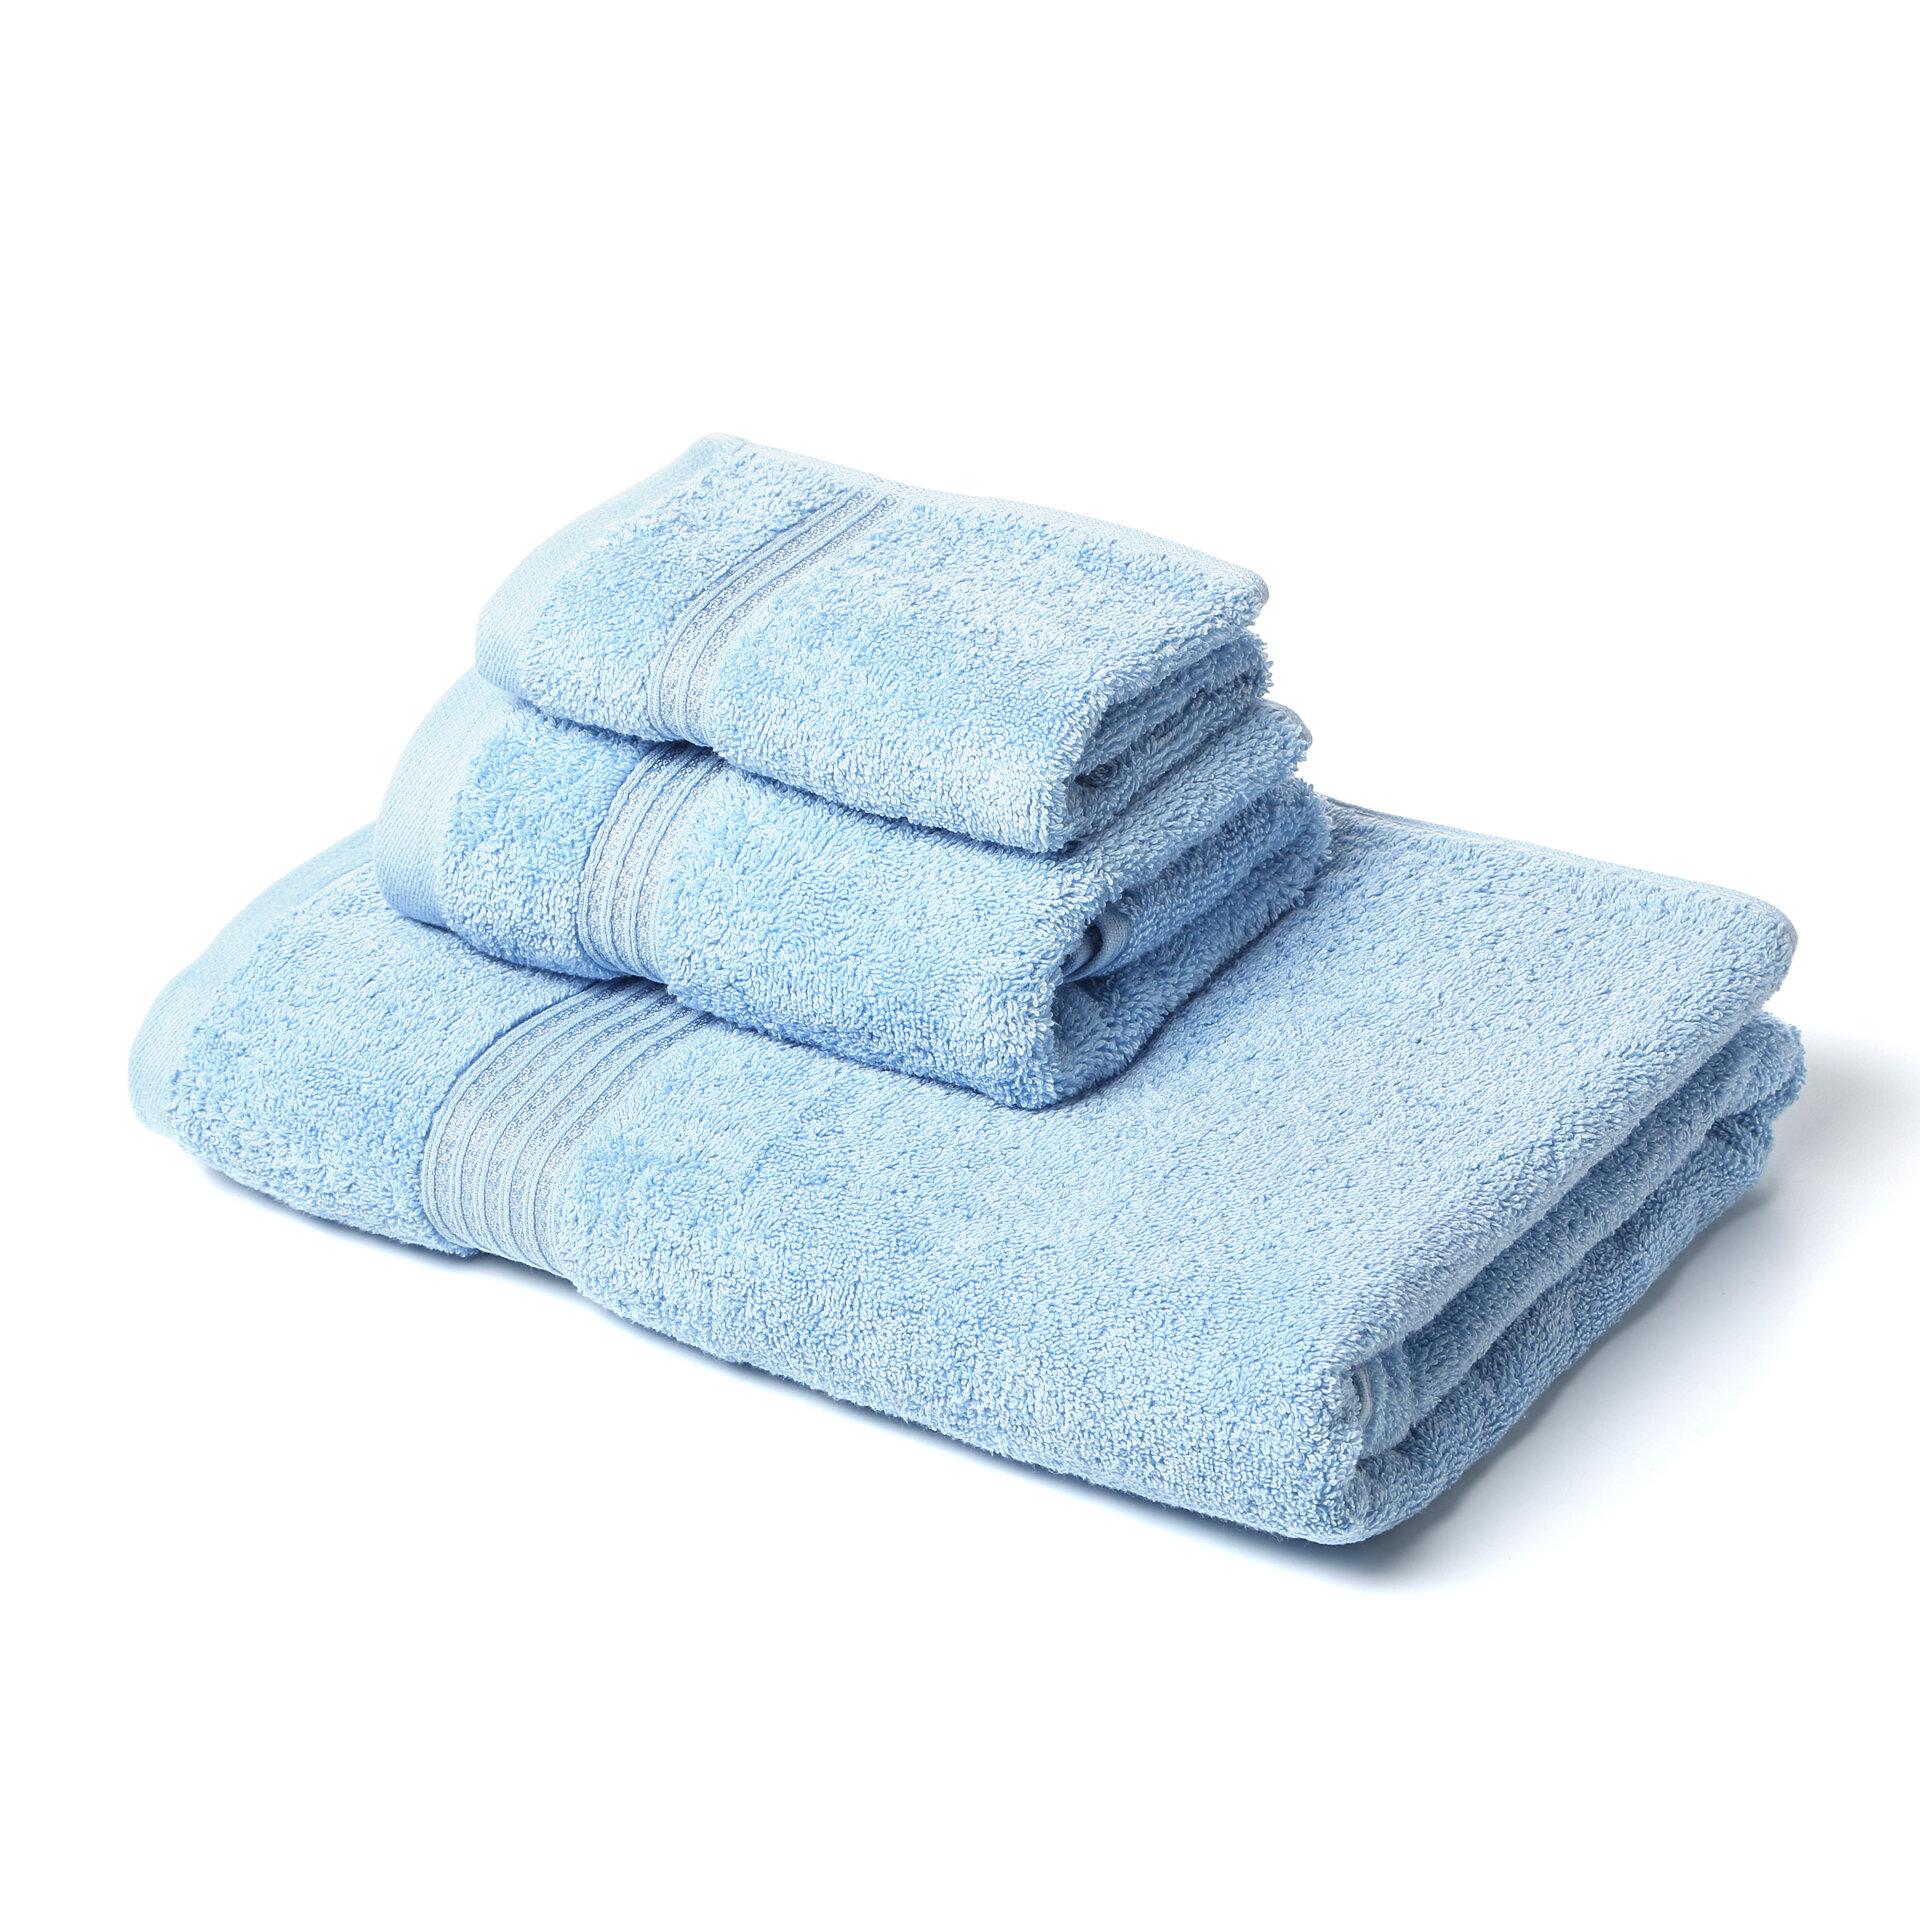 Peach Bath Towels You Ll Love In 2021 Wayfair